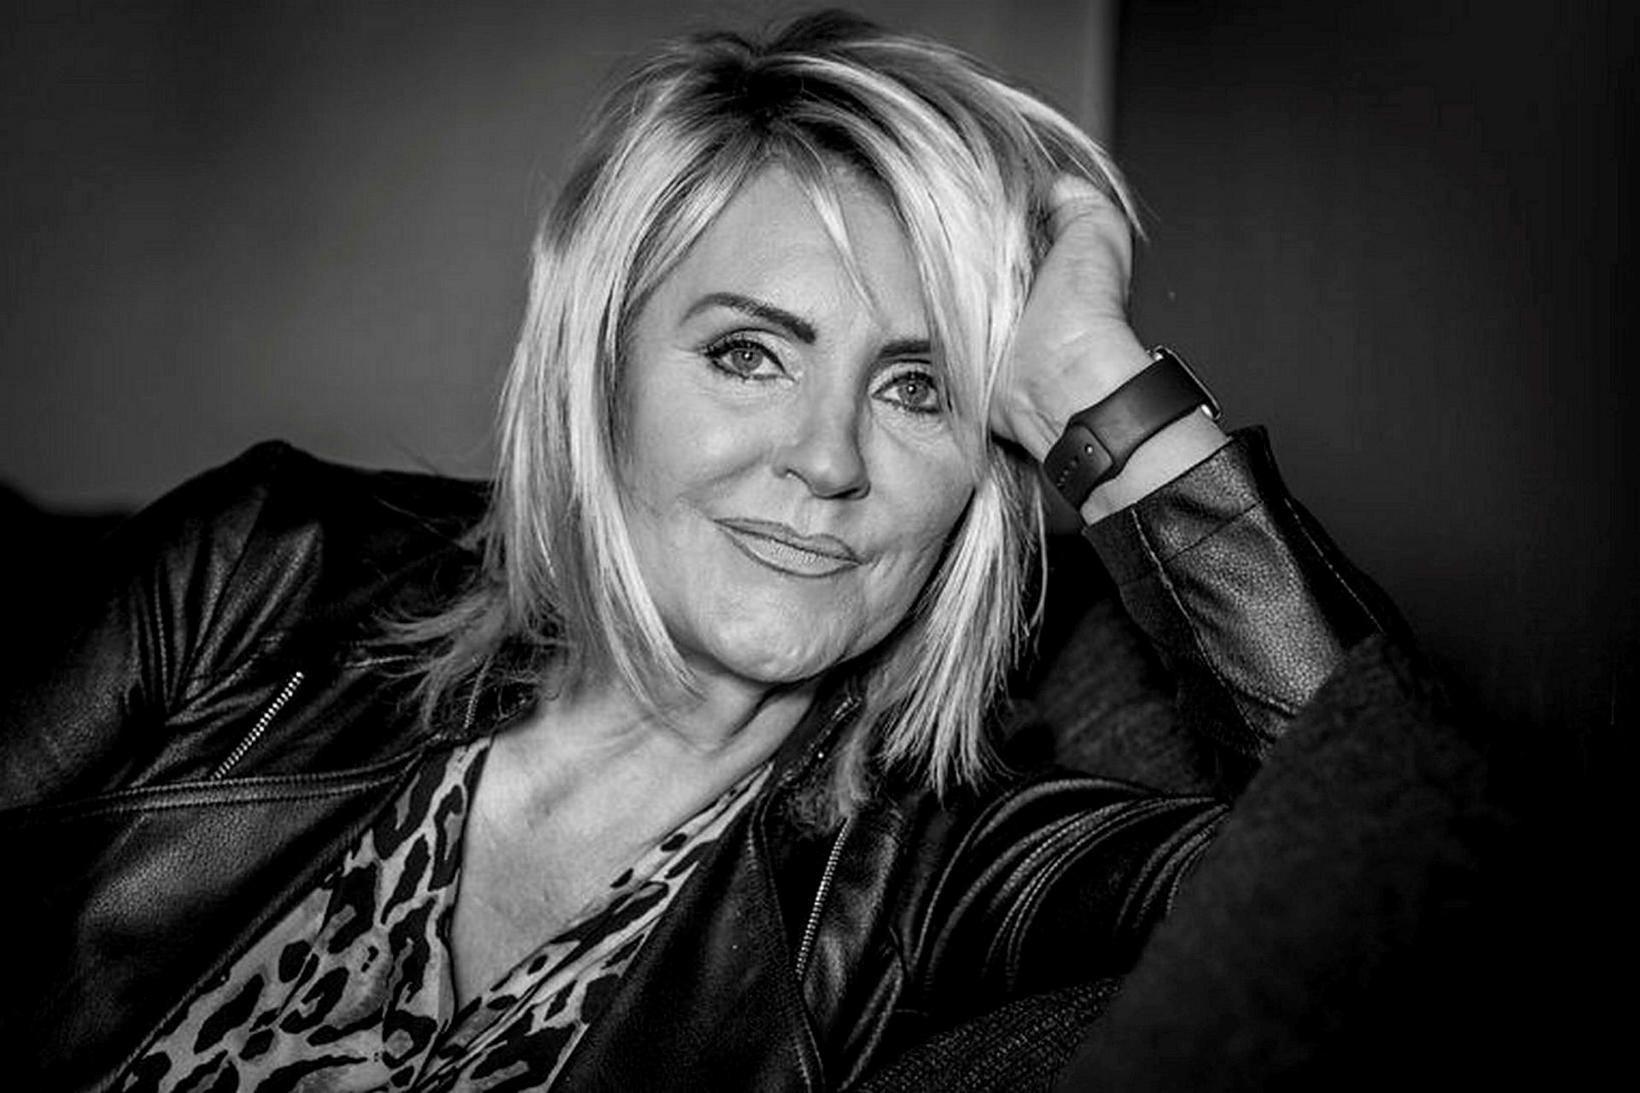 Linda Baldvinsdóttir samskiptaráðgjafi og markþjálfi.